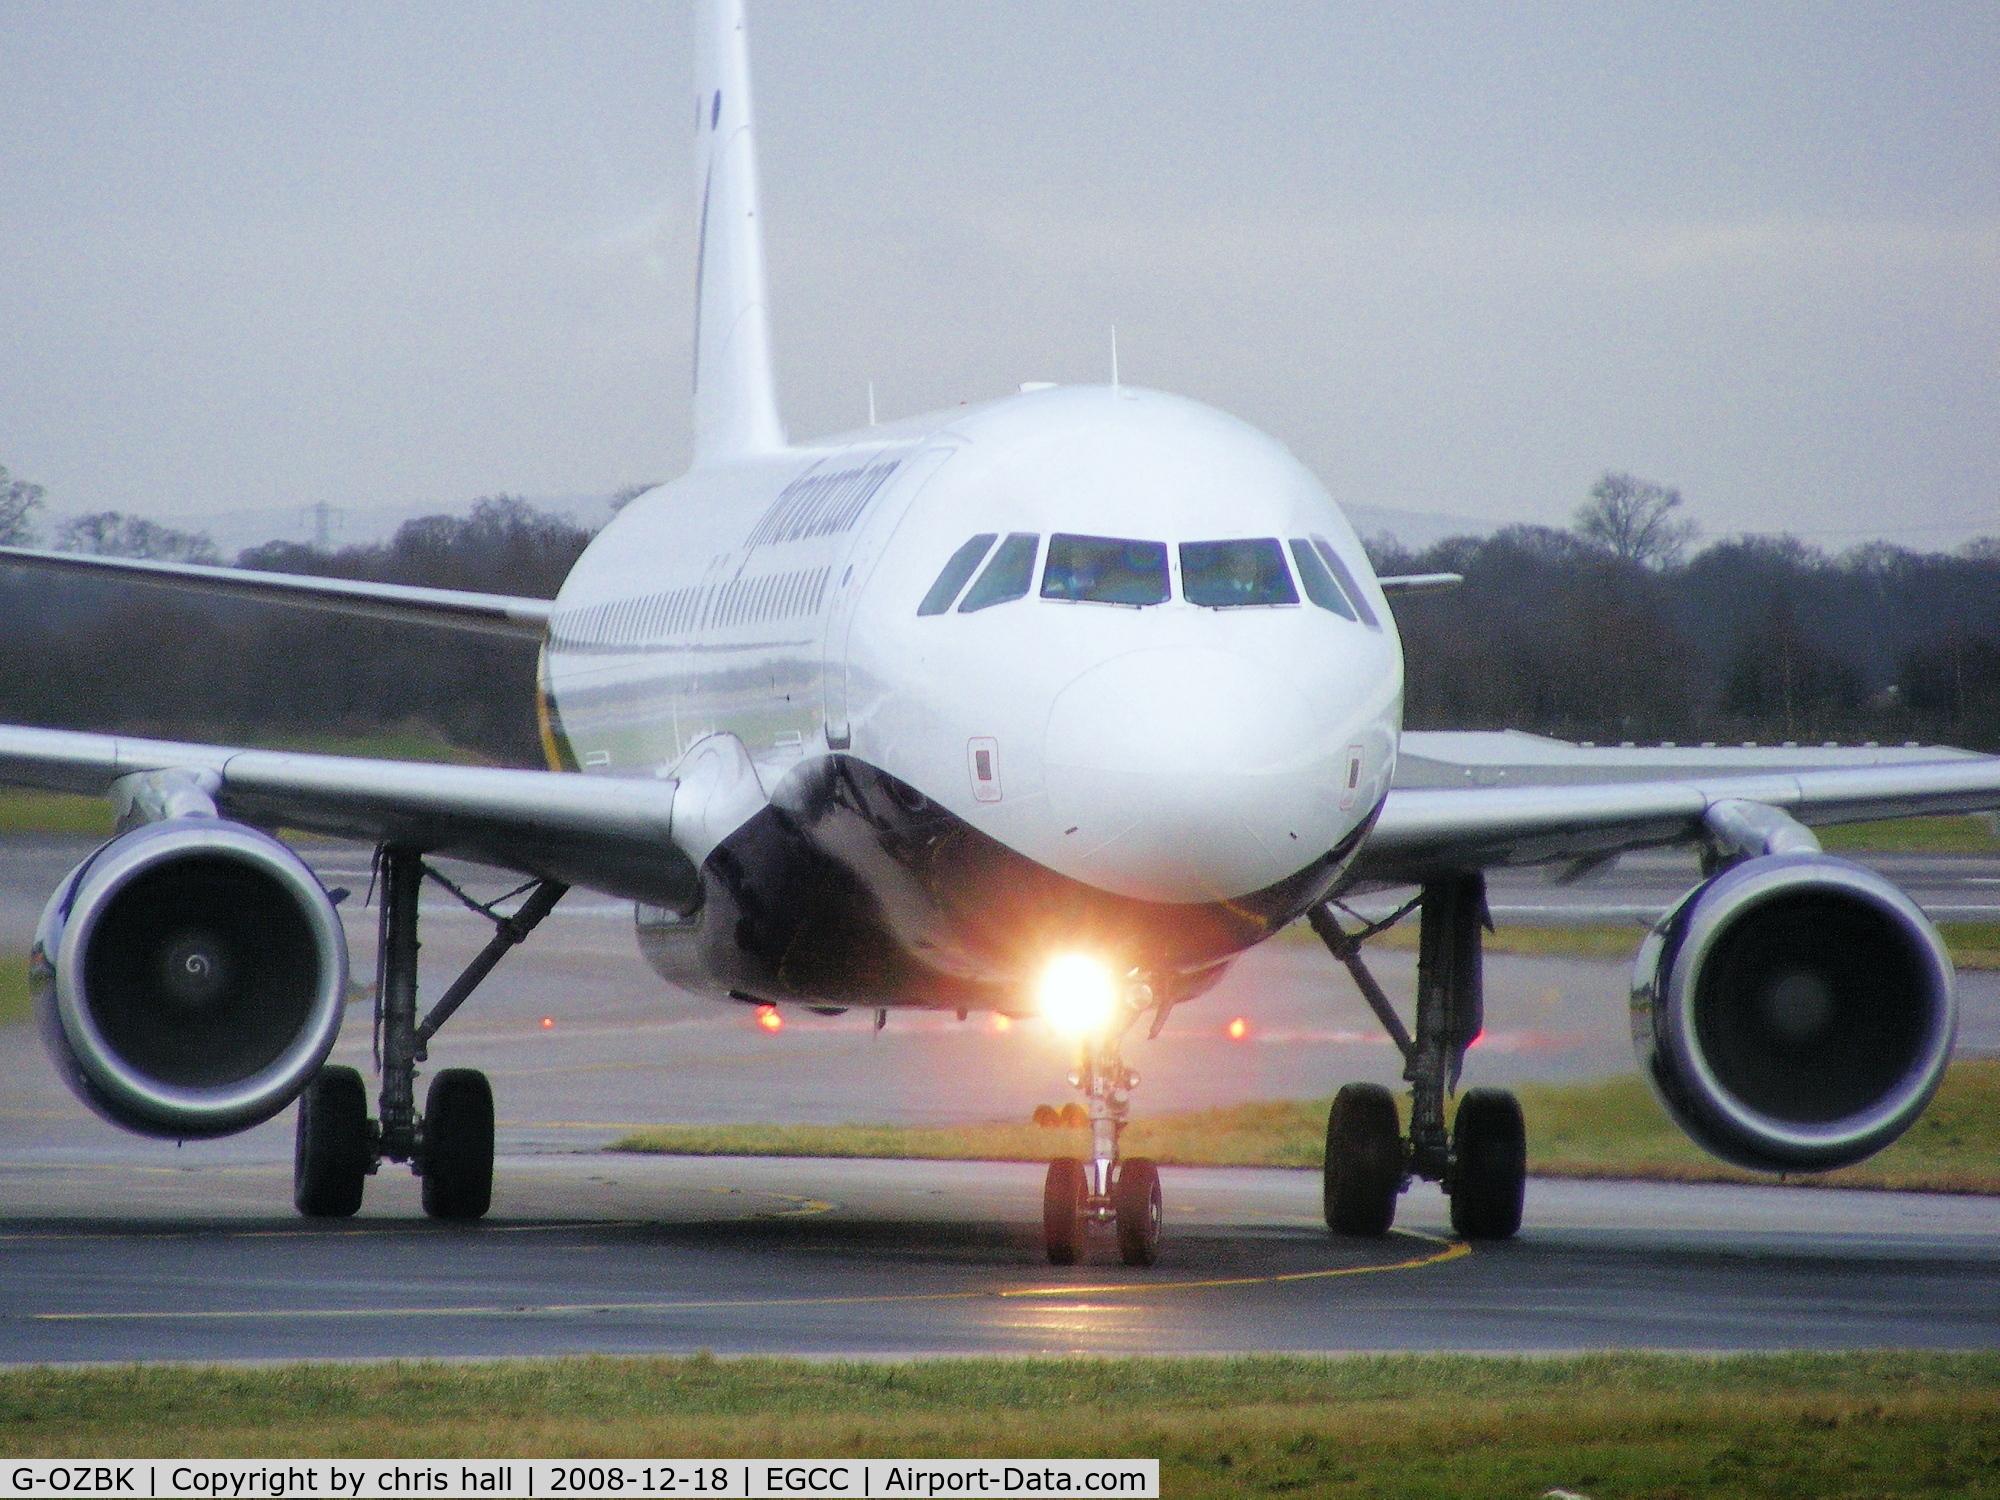 G-OZBK, 2000 Airbus A320-214 C/N 1370, Monarch